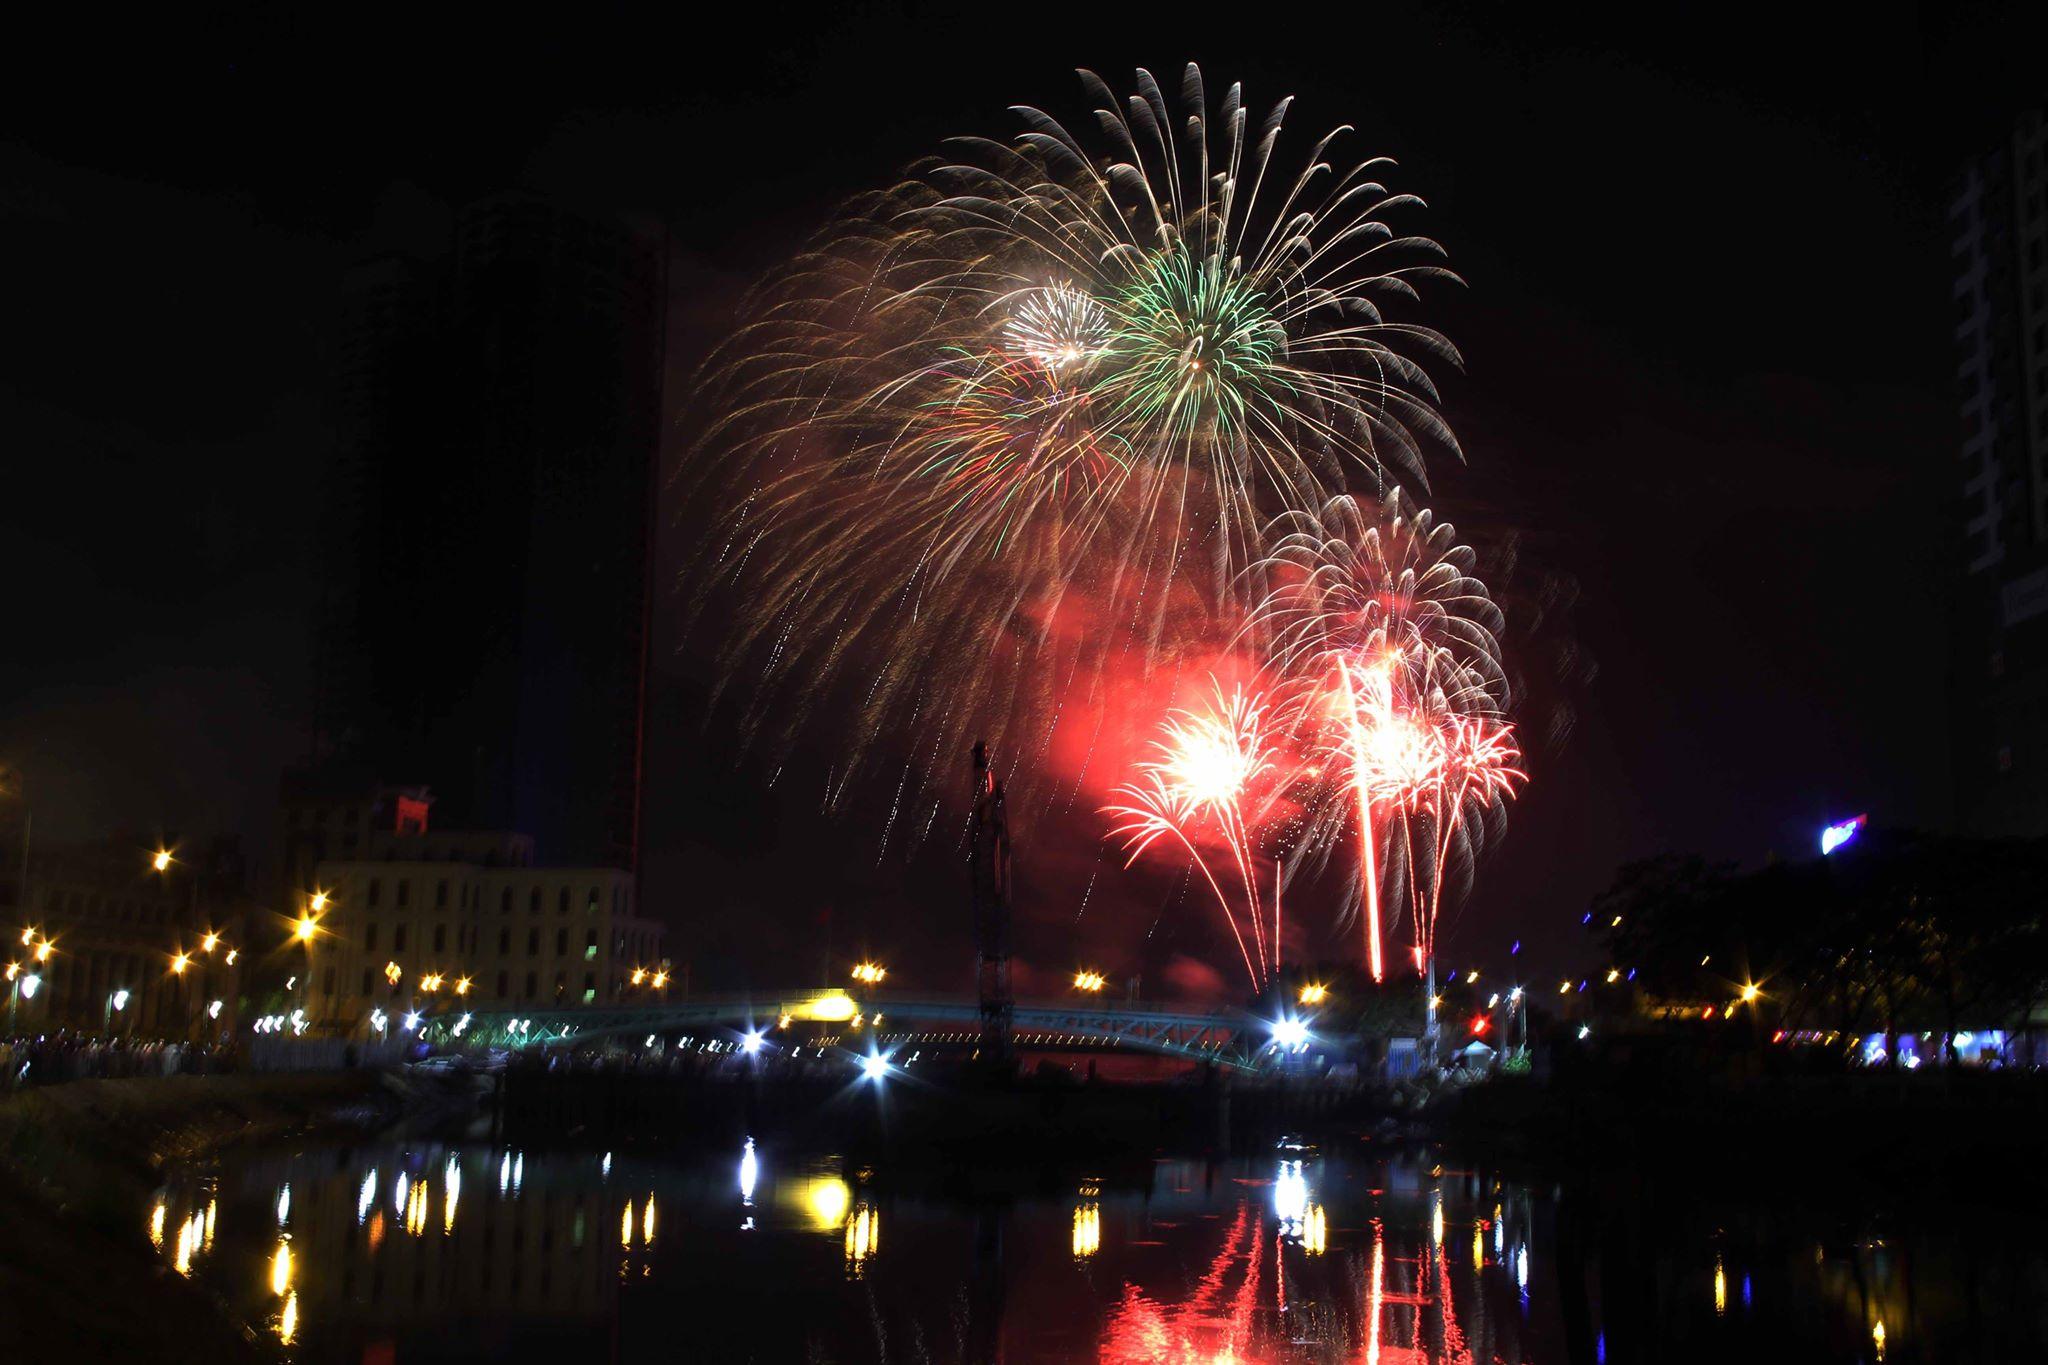 Pháo hoa rực sáng trên bầu trời Sài Gòn mừng lễ 30/4-12